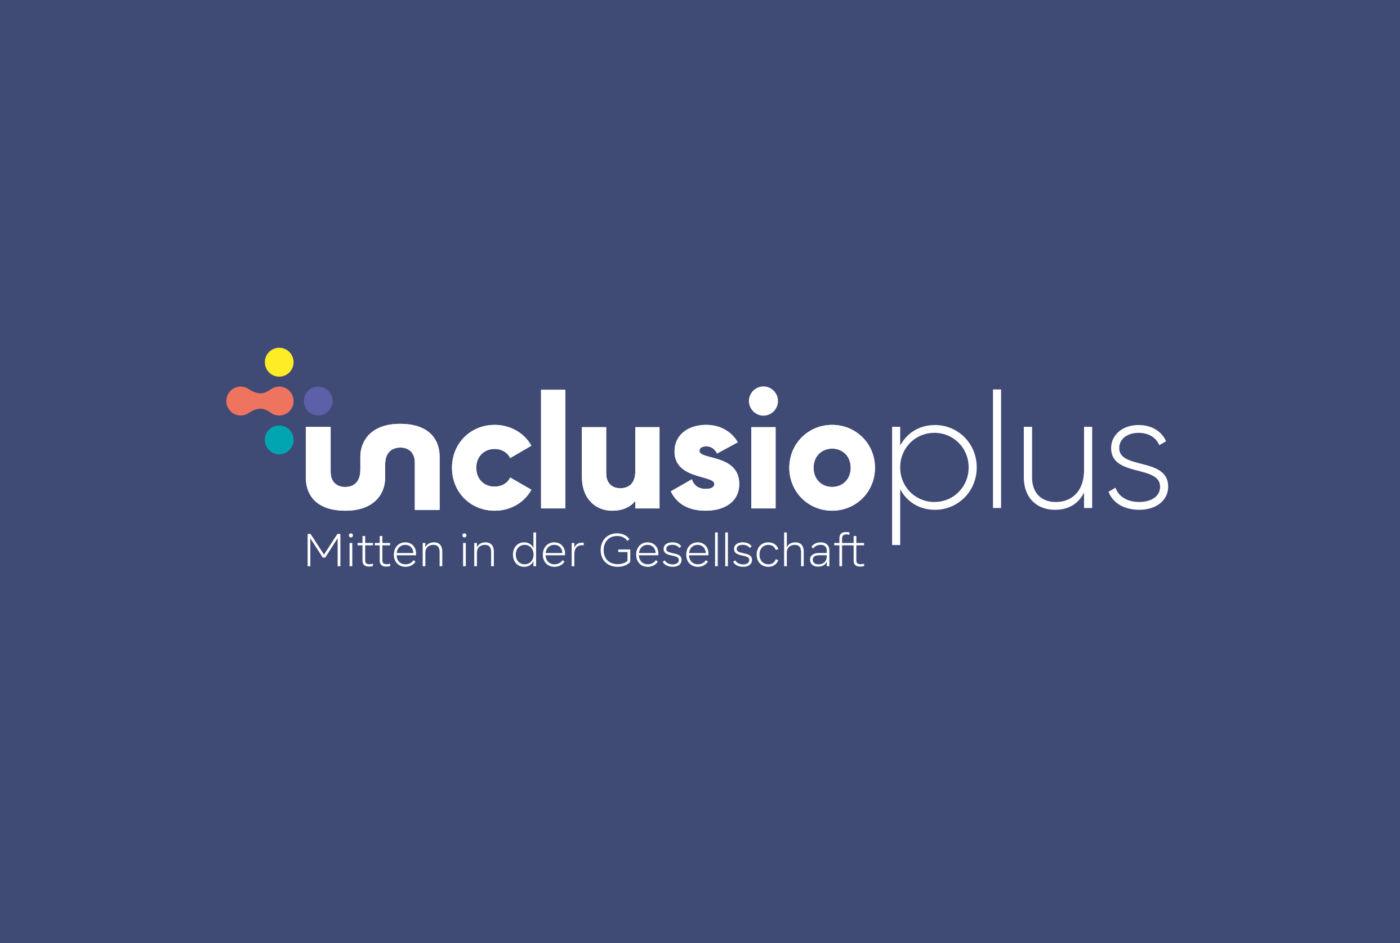 Aus «Wohnen und Arbeiten» wird inclusioplus | inclusio plus News · Arbeiten und Wohnen mitten in der Gesellschaft